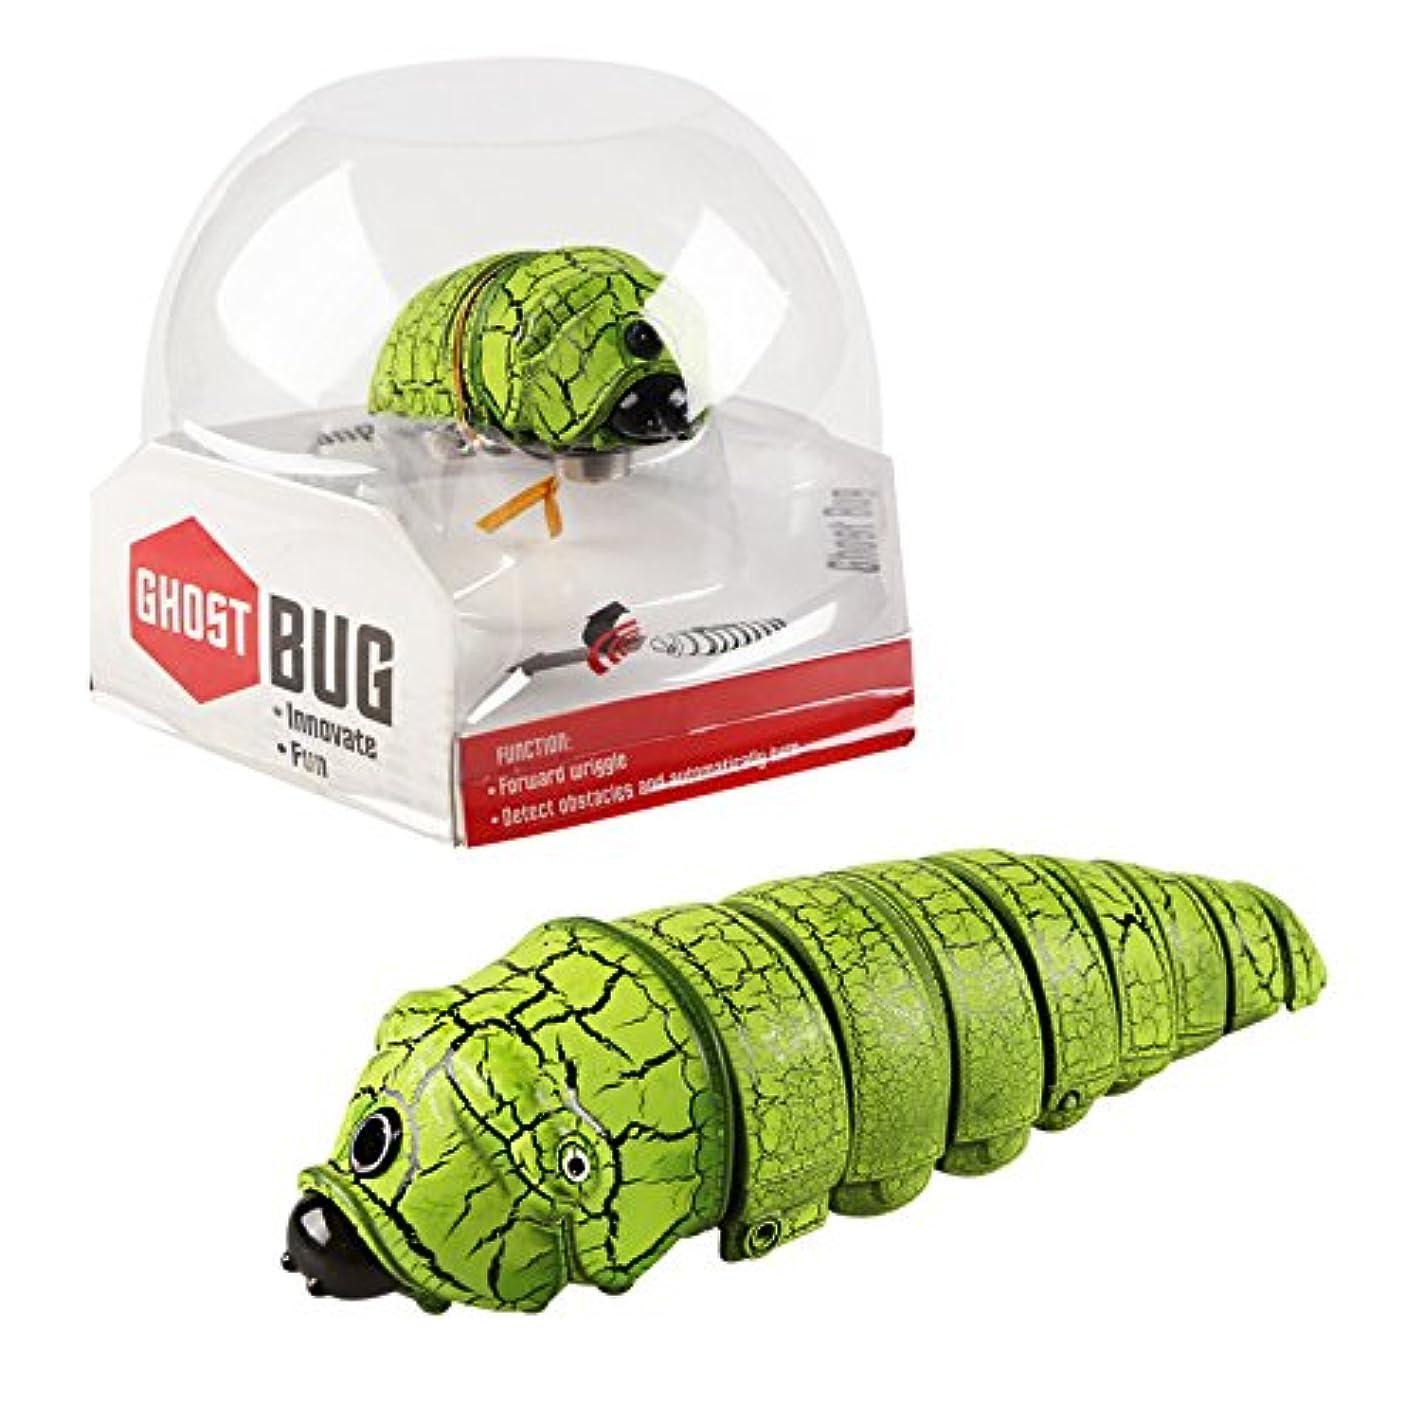 スマイル照らす困惑するLiebeye シミュレーション毛虫トリッキーなおもちゃ rcの赤外線誘導 創造的 子供のための贈り物 誘導